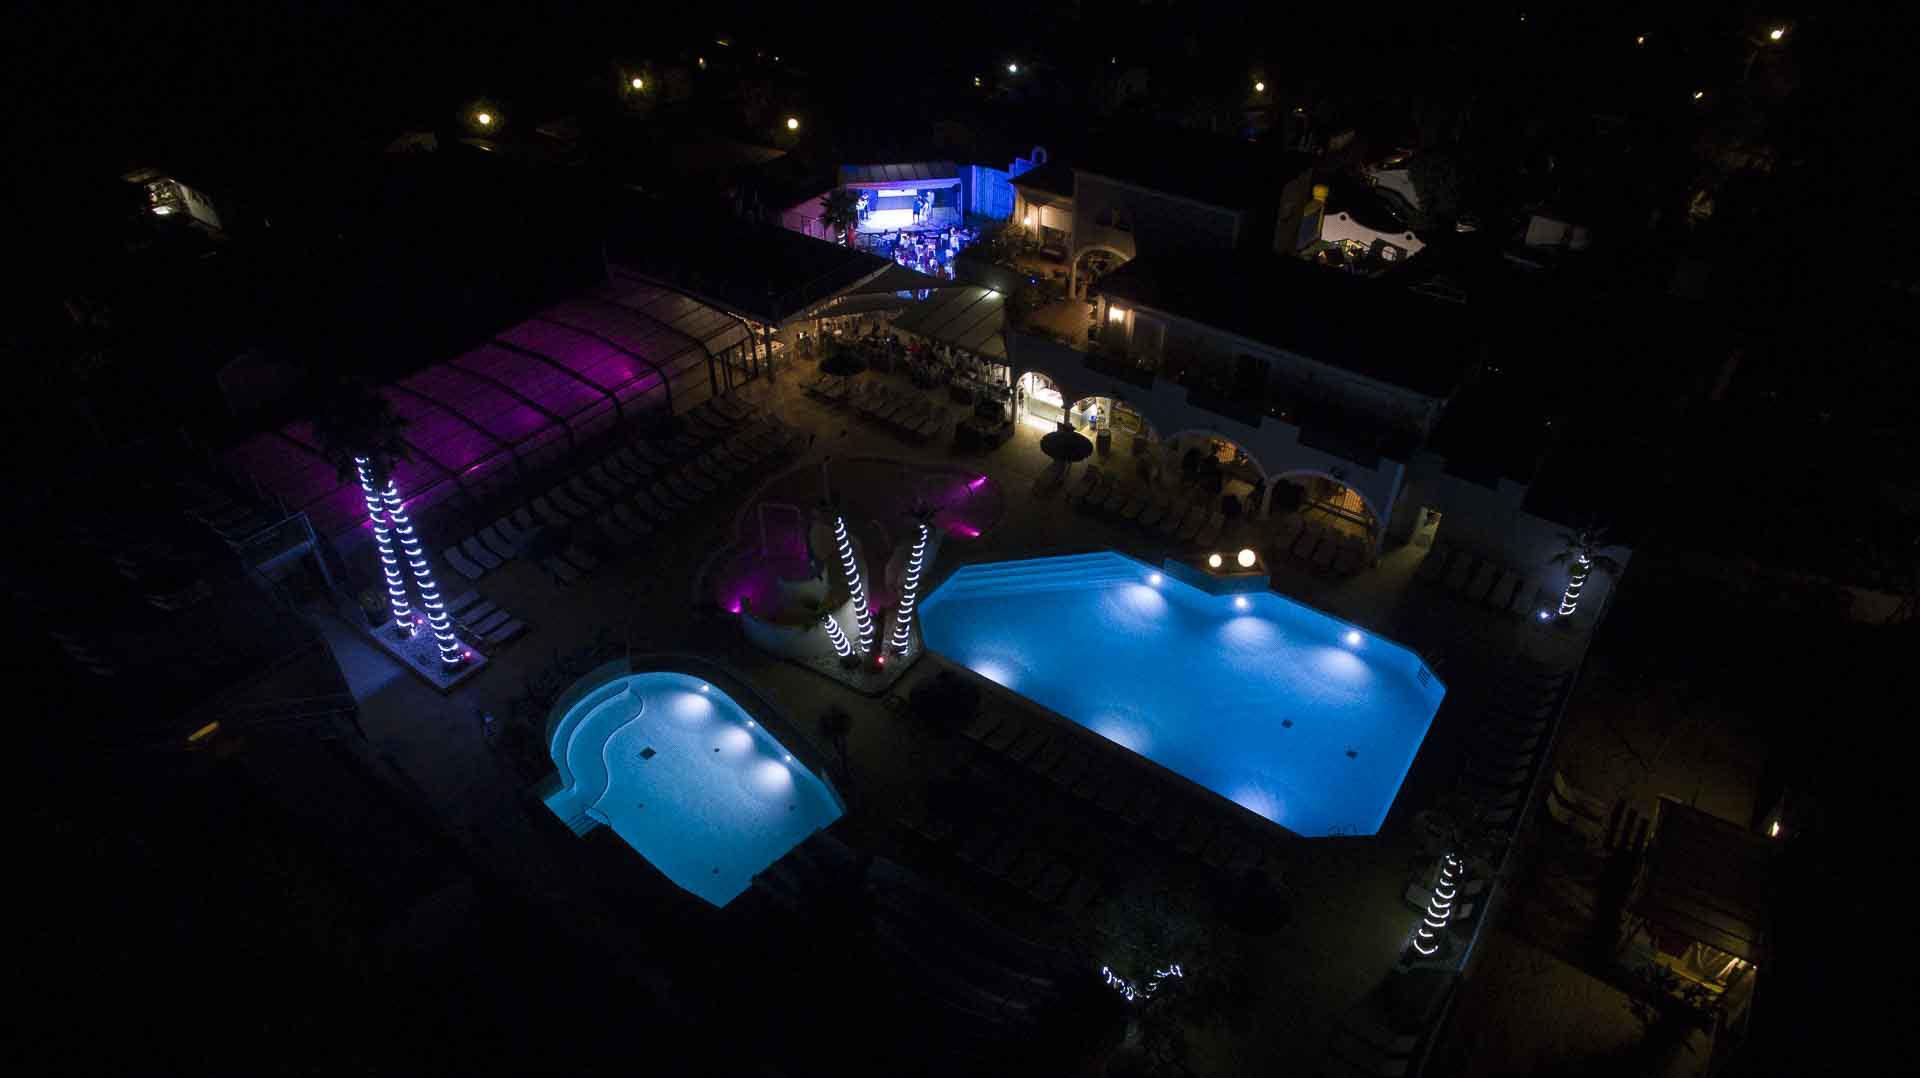 Réalisation de photos aériennes de nuit Camping Hermitage Hérault